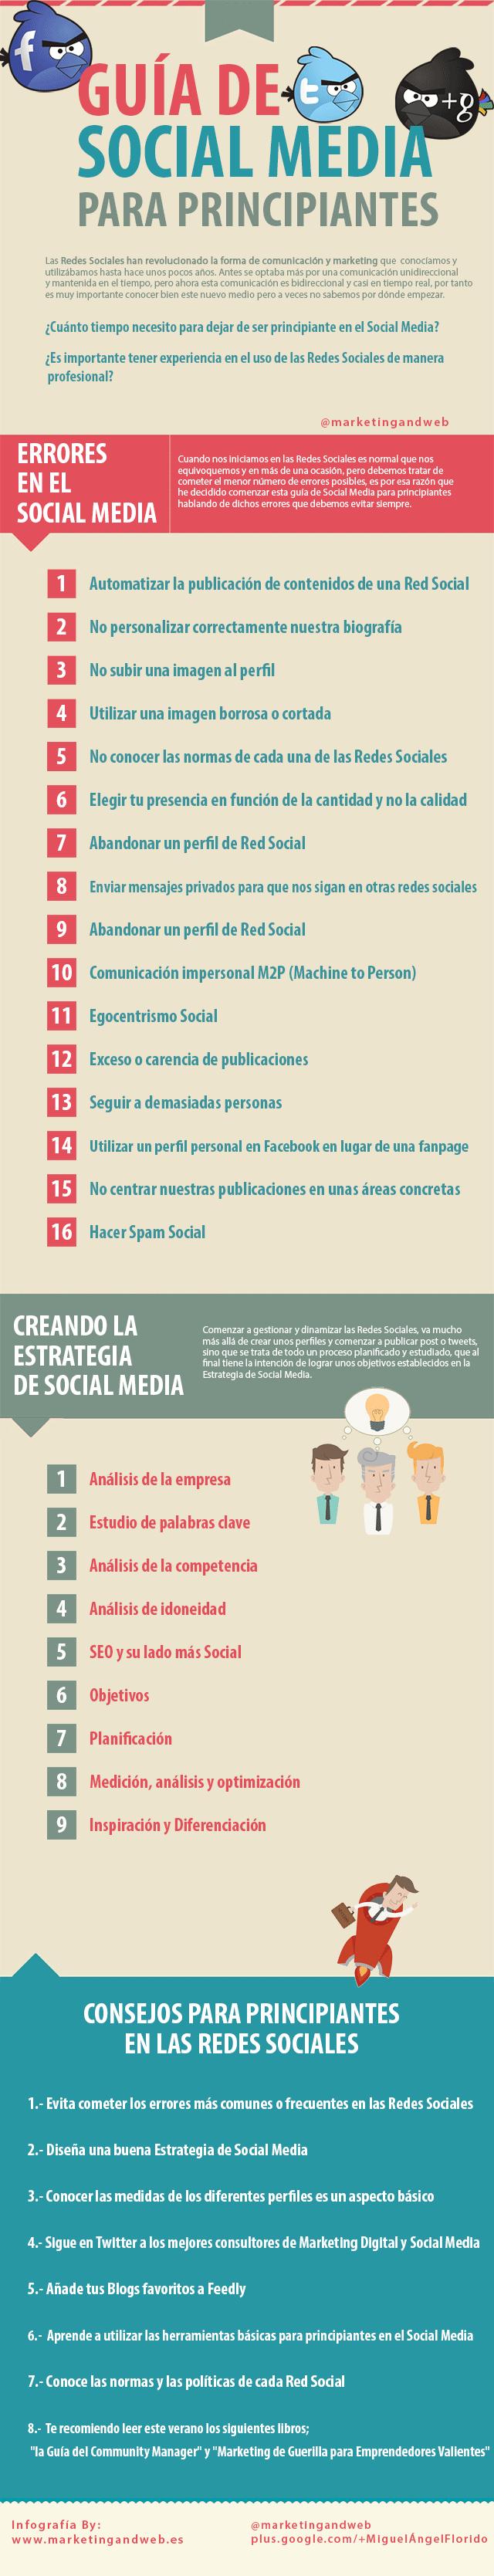 http://ticsyformacion.com/2014/07/22/guia-de-redes-sociales-para-principiantes-infografia-infographic-socialmedia/